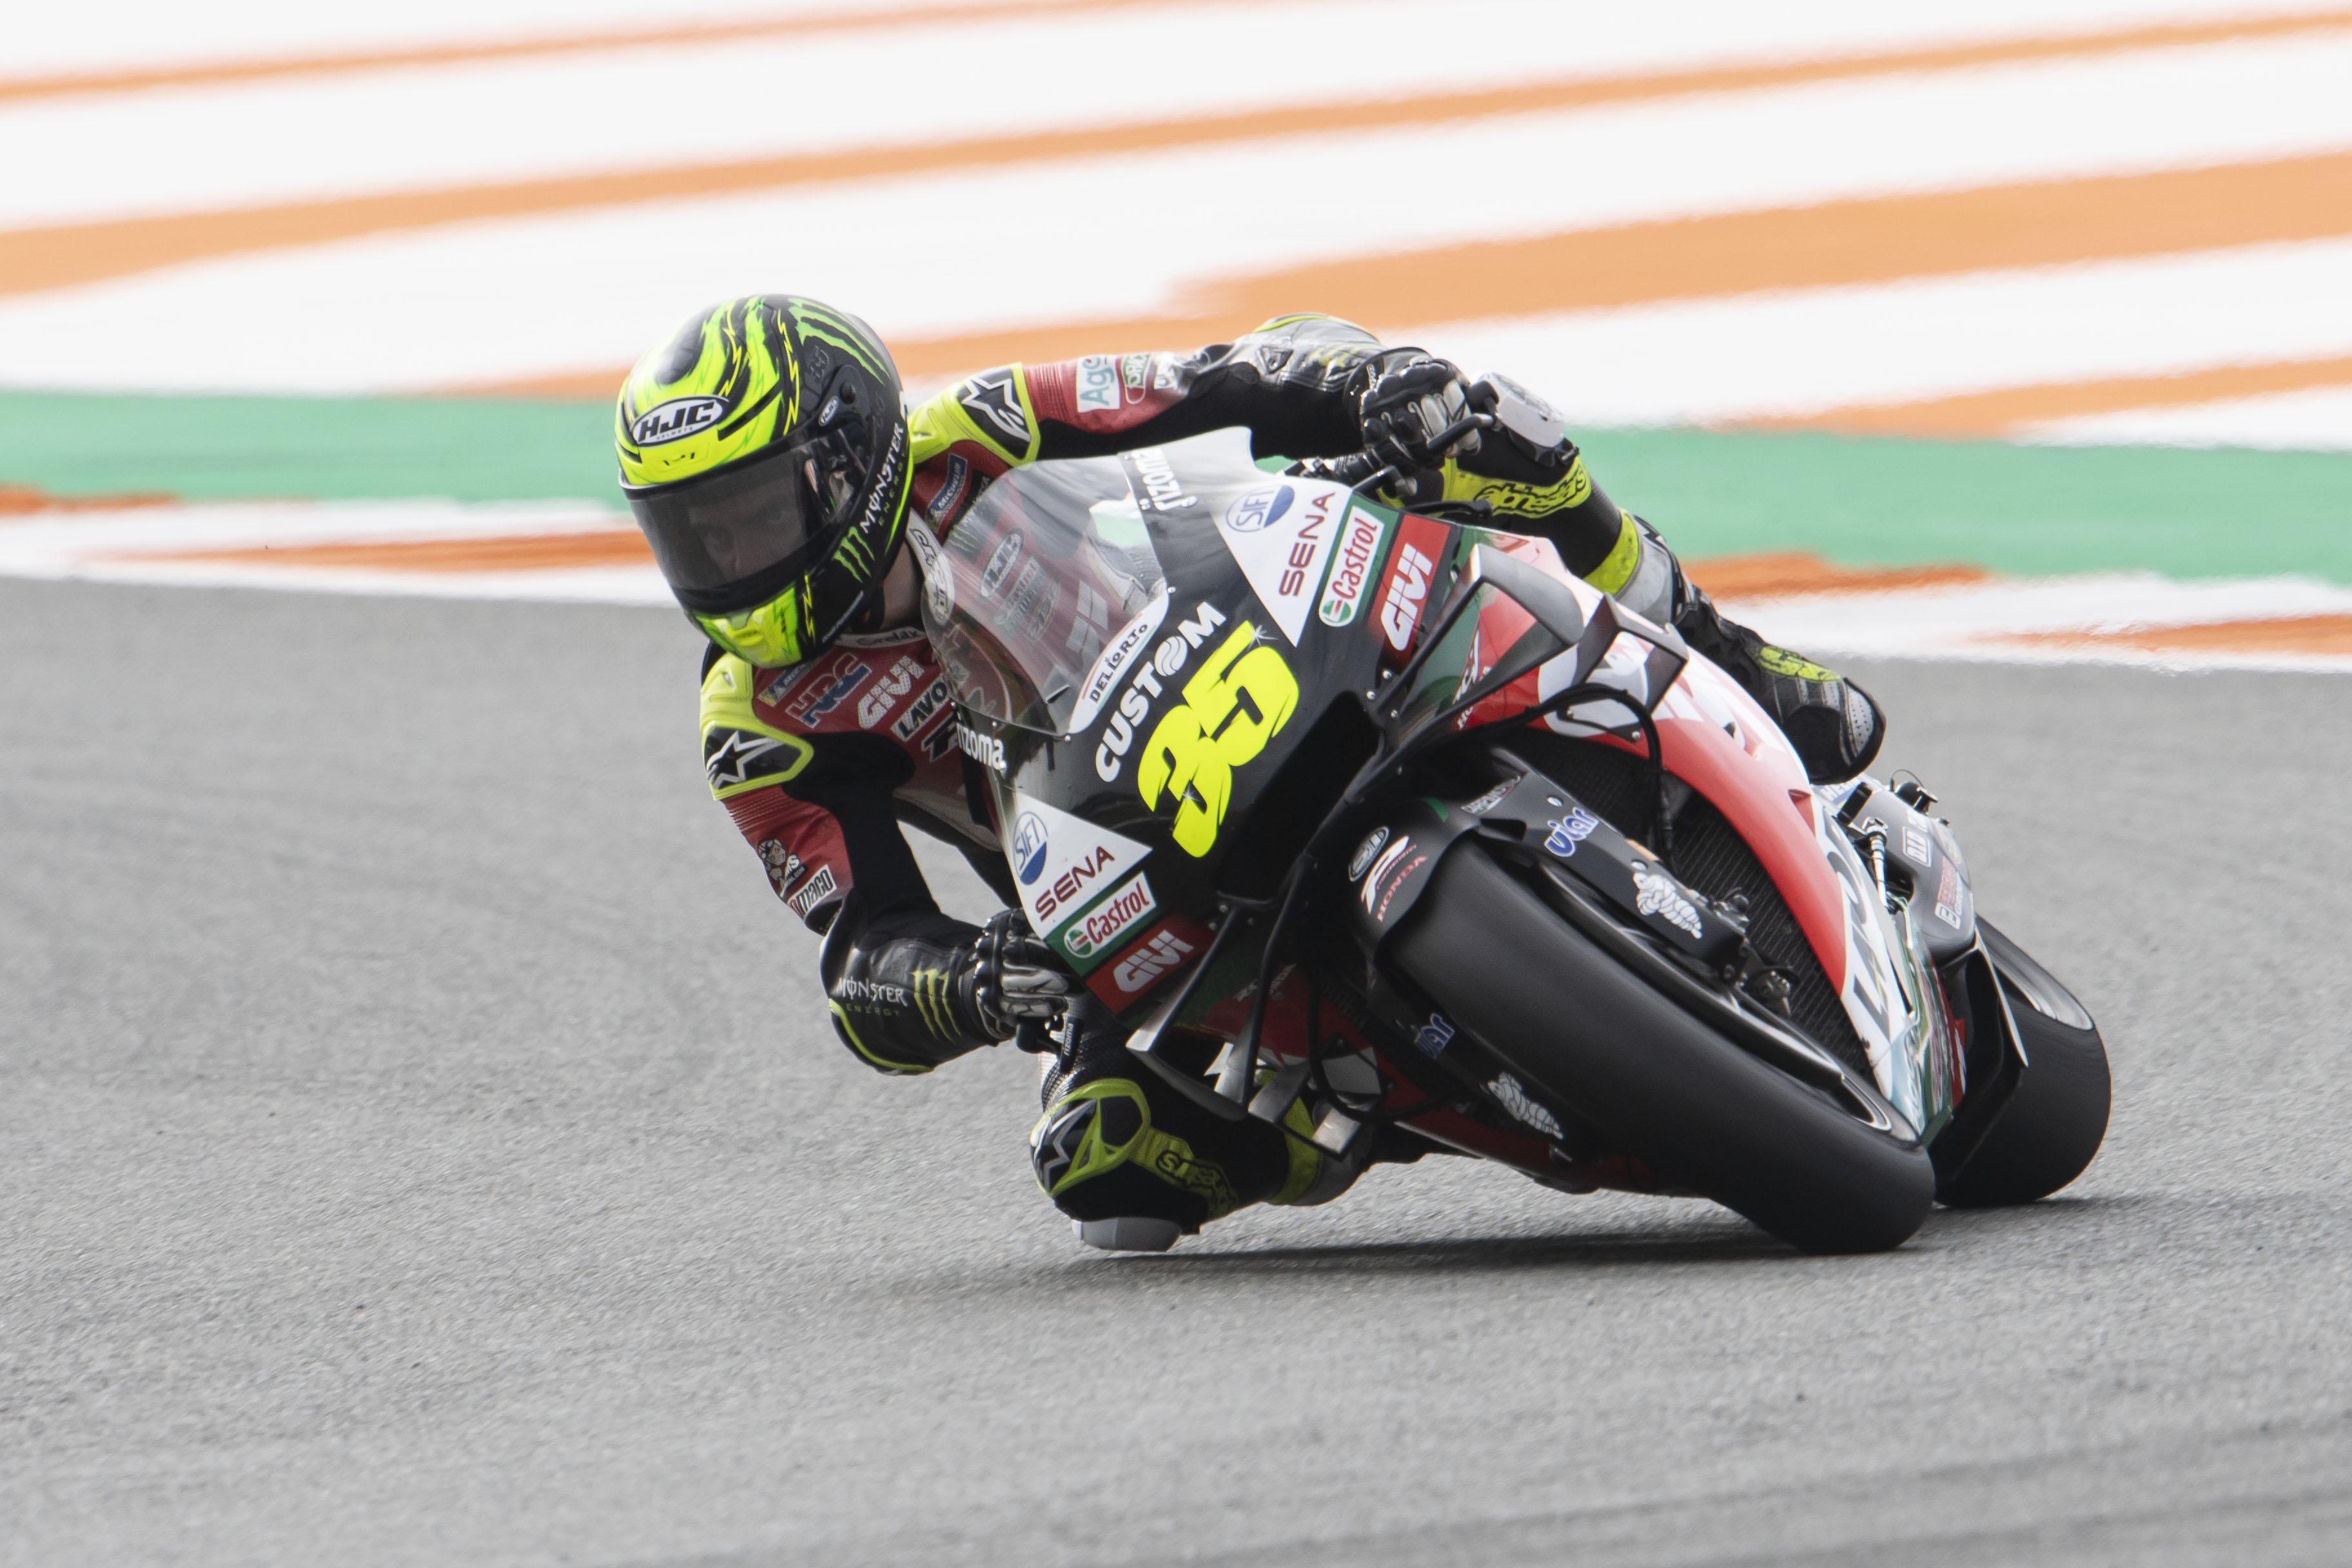 Cal Crutchlow, Valencia MotoGP